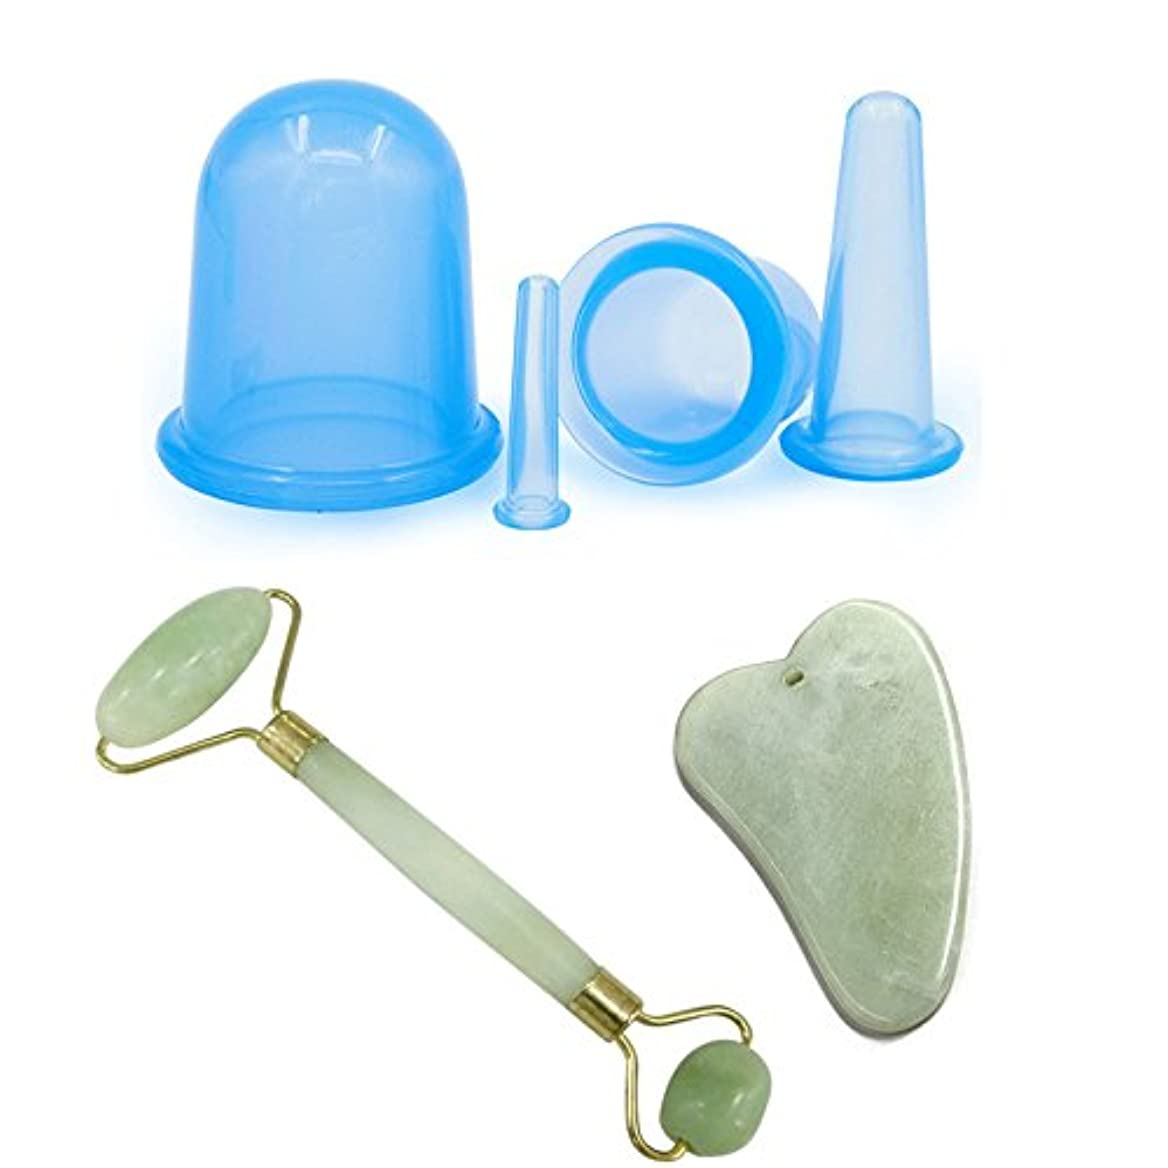 ルート市民アミューズEcho & Kern Jade roller & Gua Sha & Silicon massage cups 4 pcs二点セット翡翠フェイスローラー 顔 マッサージ 美顔かっさプレート スキンケア シリコン 4個セット...